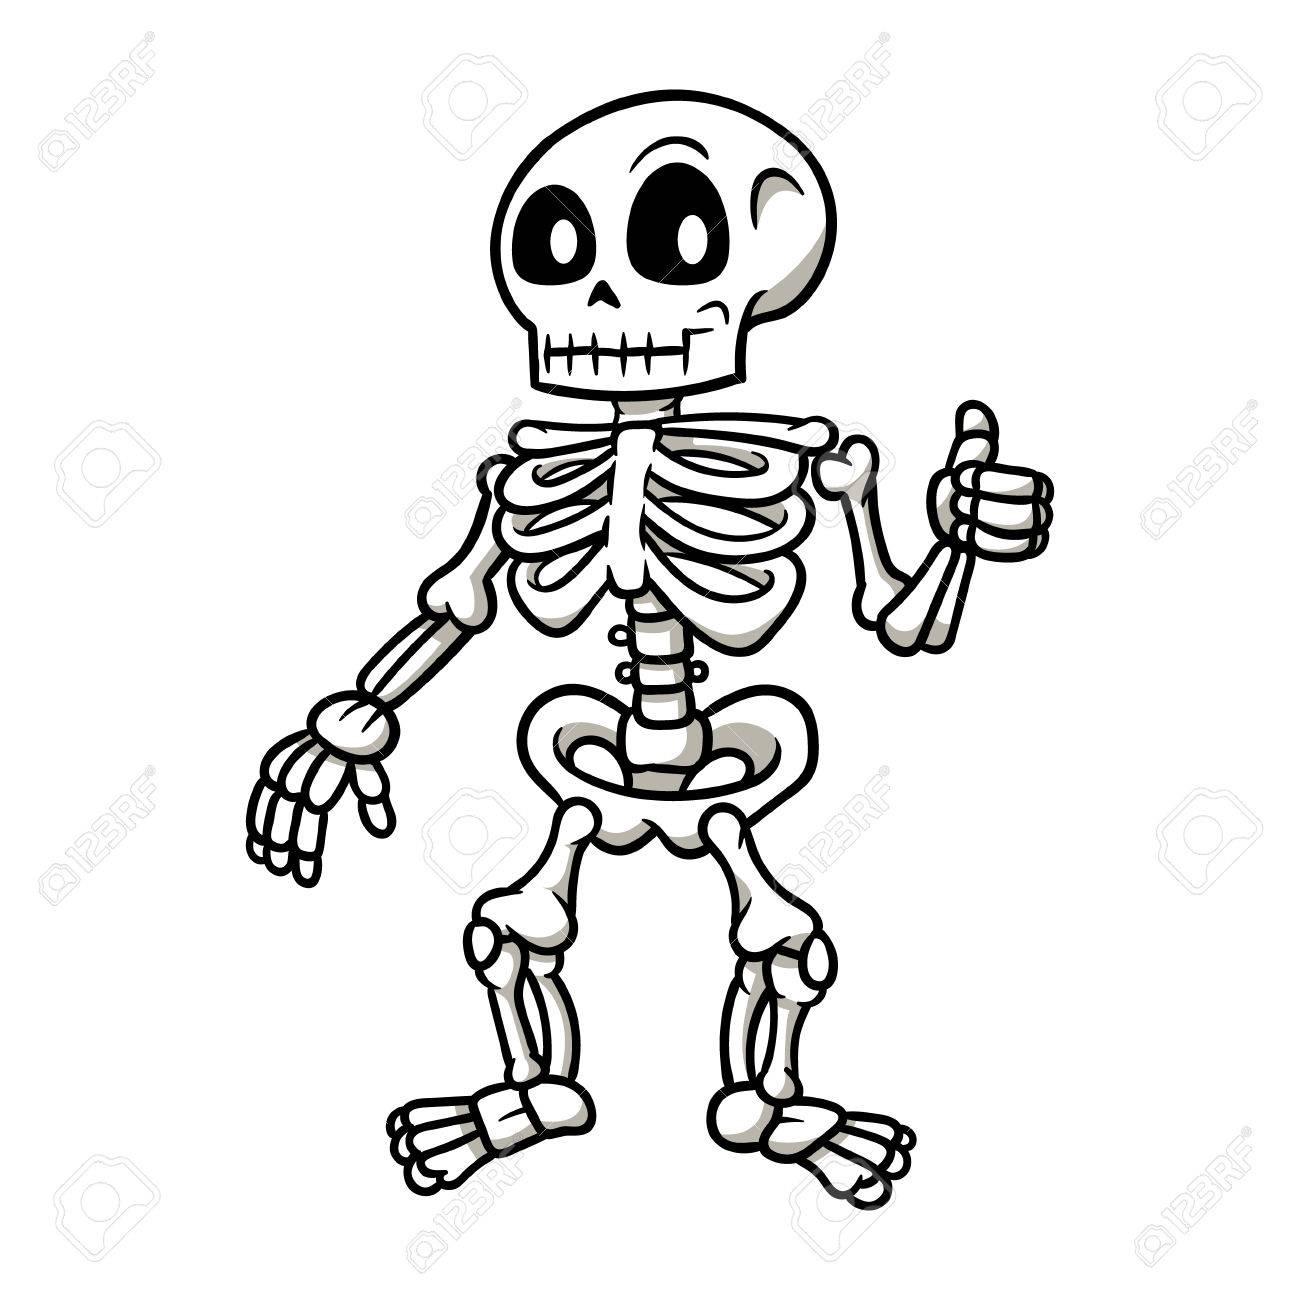 skeletonthumbsup.jpg